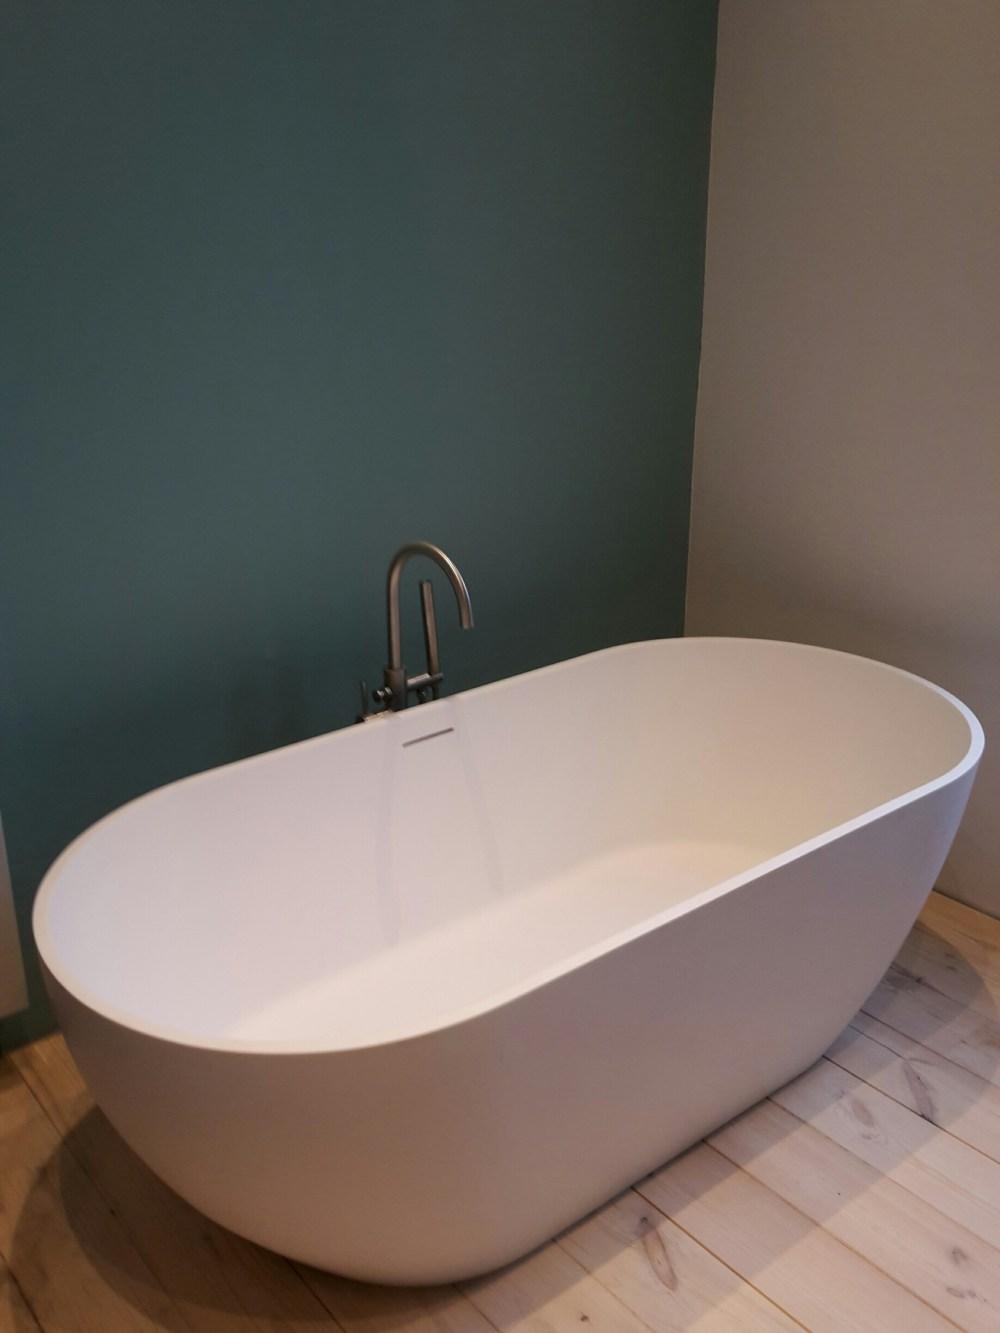 Op weg naar een nieuwe badkamer: het bad! – gerhilde maakt